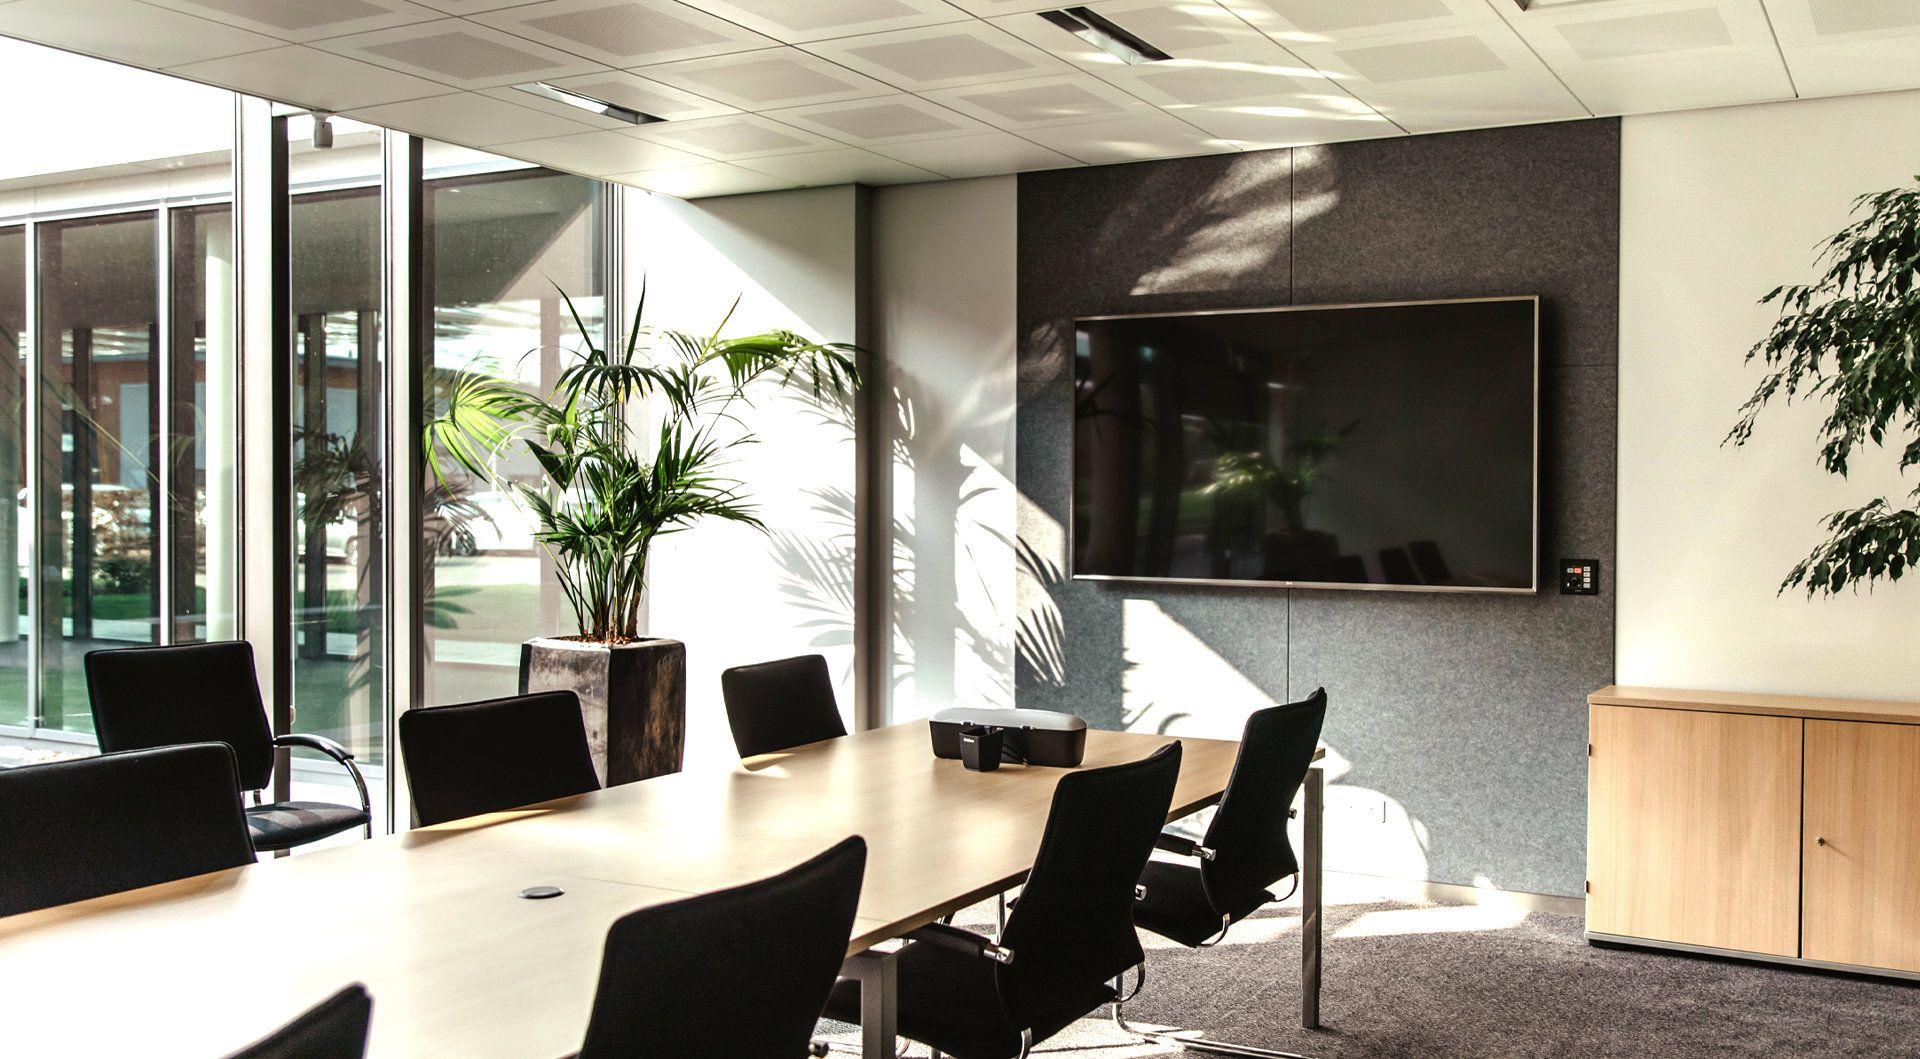 Benq LU9245 beamer/projector Desktopprojector 7000 ANSI lumens DLP WUXGA (1920x1200) Zwart - Case studie de vries